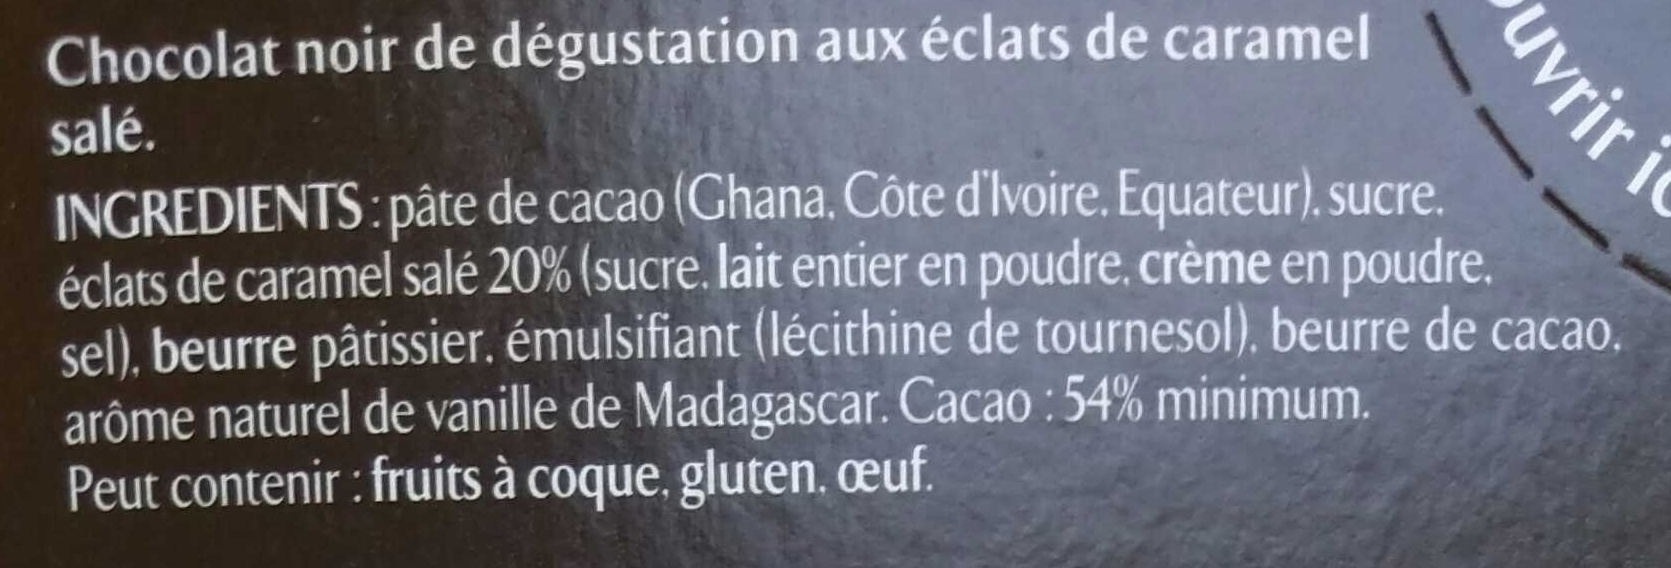 Recettes de l'Atelier N°8 Eclats de Caramel - Ingrédients - fr